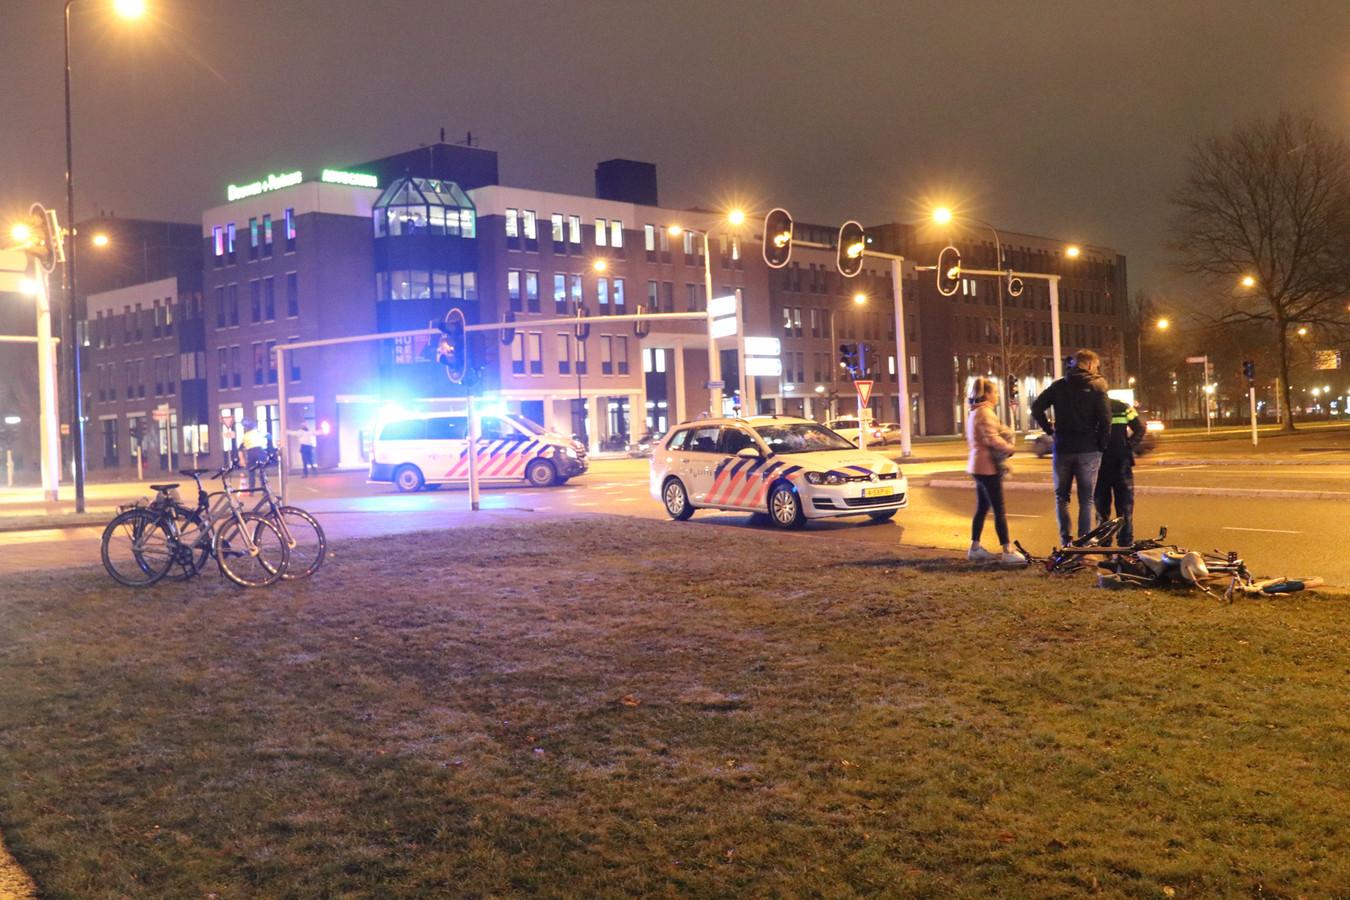 Bij het ongeluk werden twee fietsers aangereden. De politie hoorde na de aanrijding getuigen.